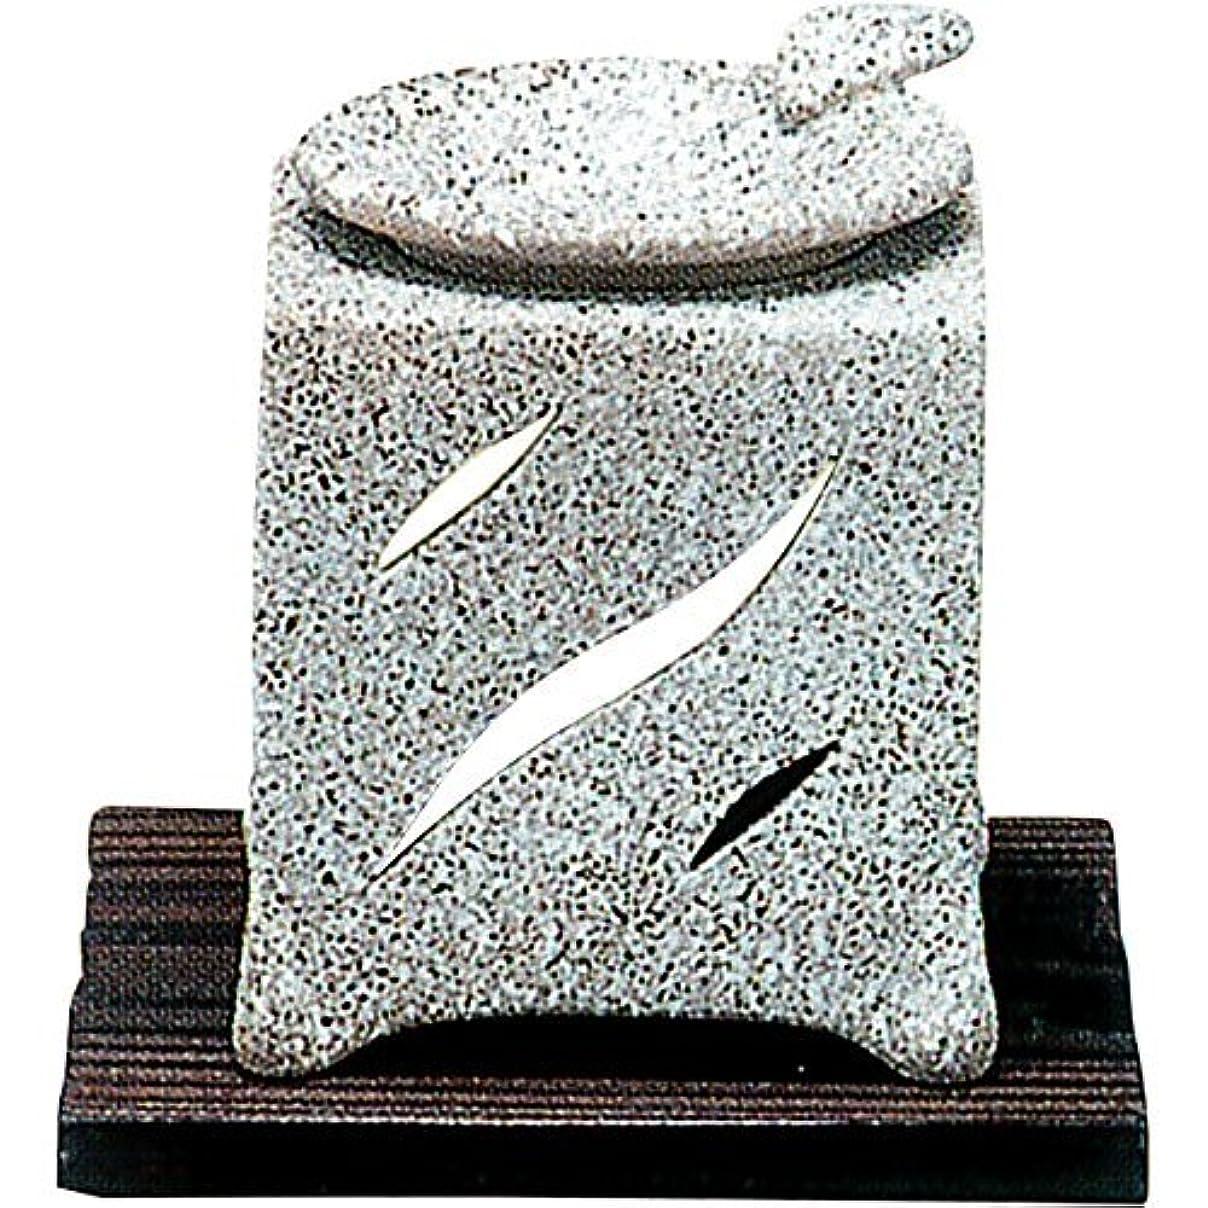 統計的興奮するアルカトラズ島常滑焼 5-261 山房石風角形茶香炉 山房10×10×H12㎝